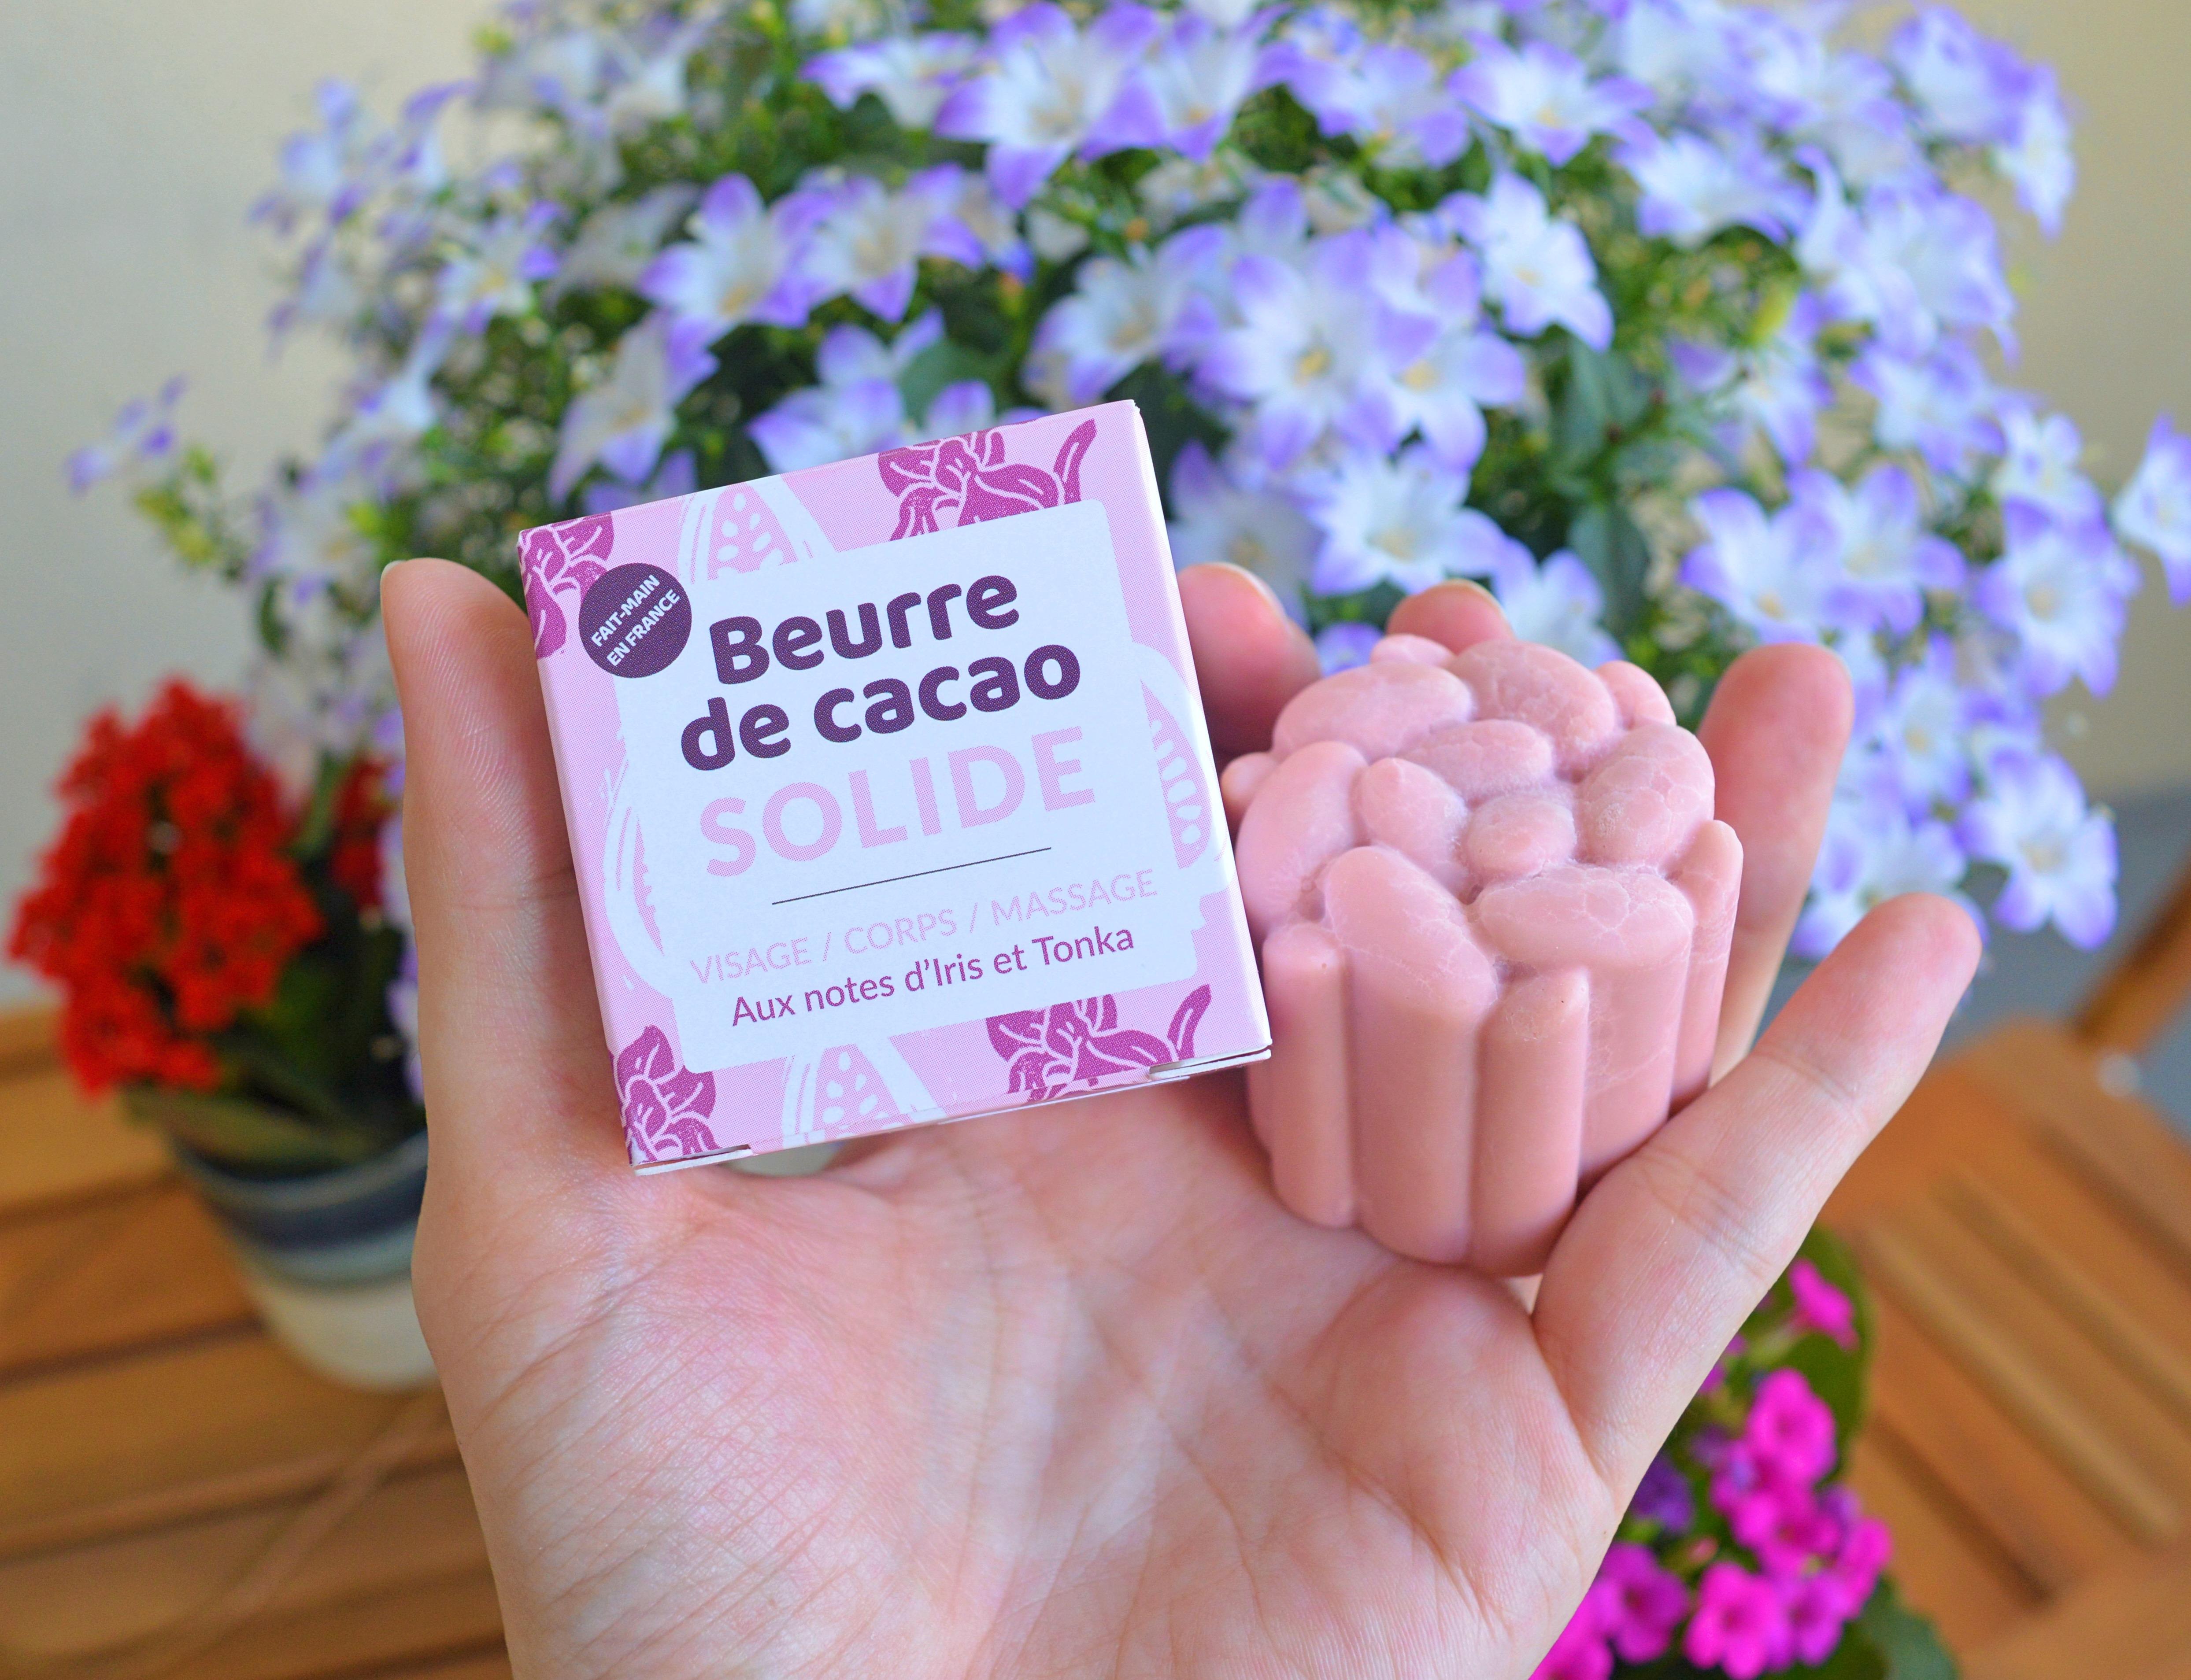 Beurre de cacao rose solide Lamazuna